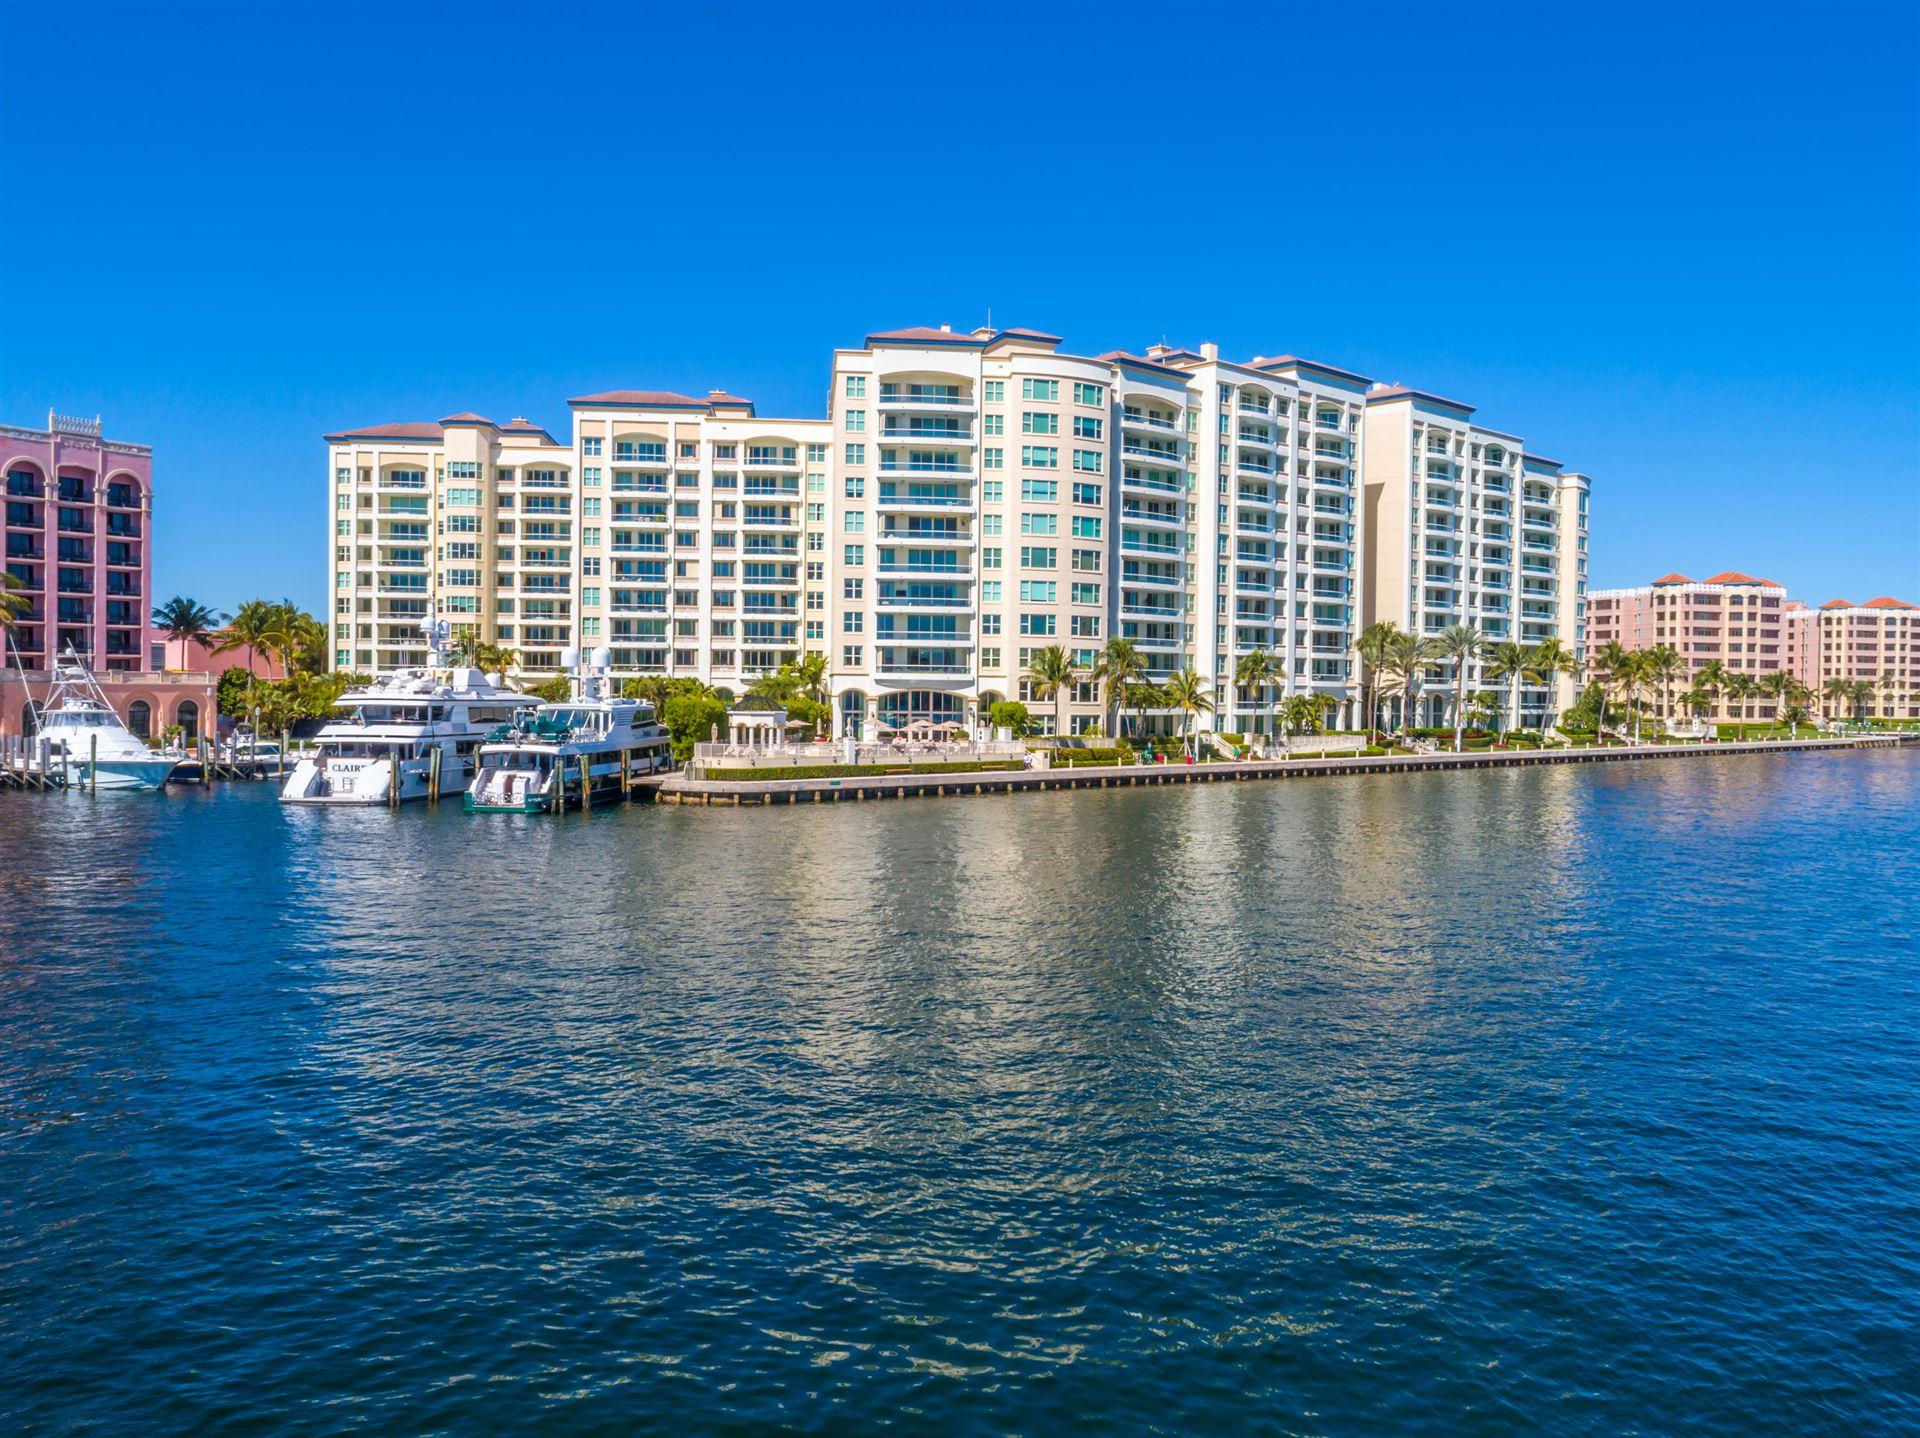 550 SE 5th Avenue #304s, Boca Raton, FL 33432 - #: RX-10599410